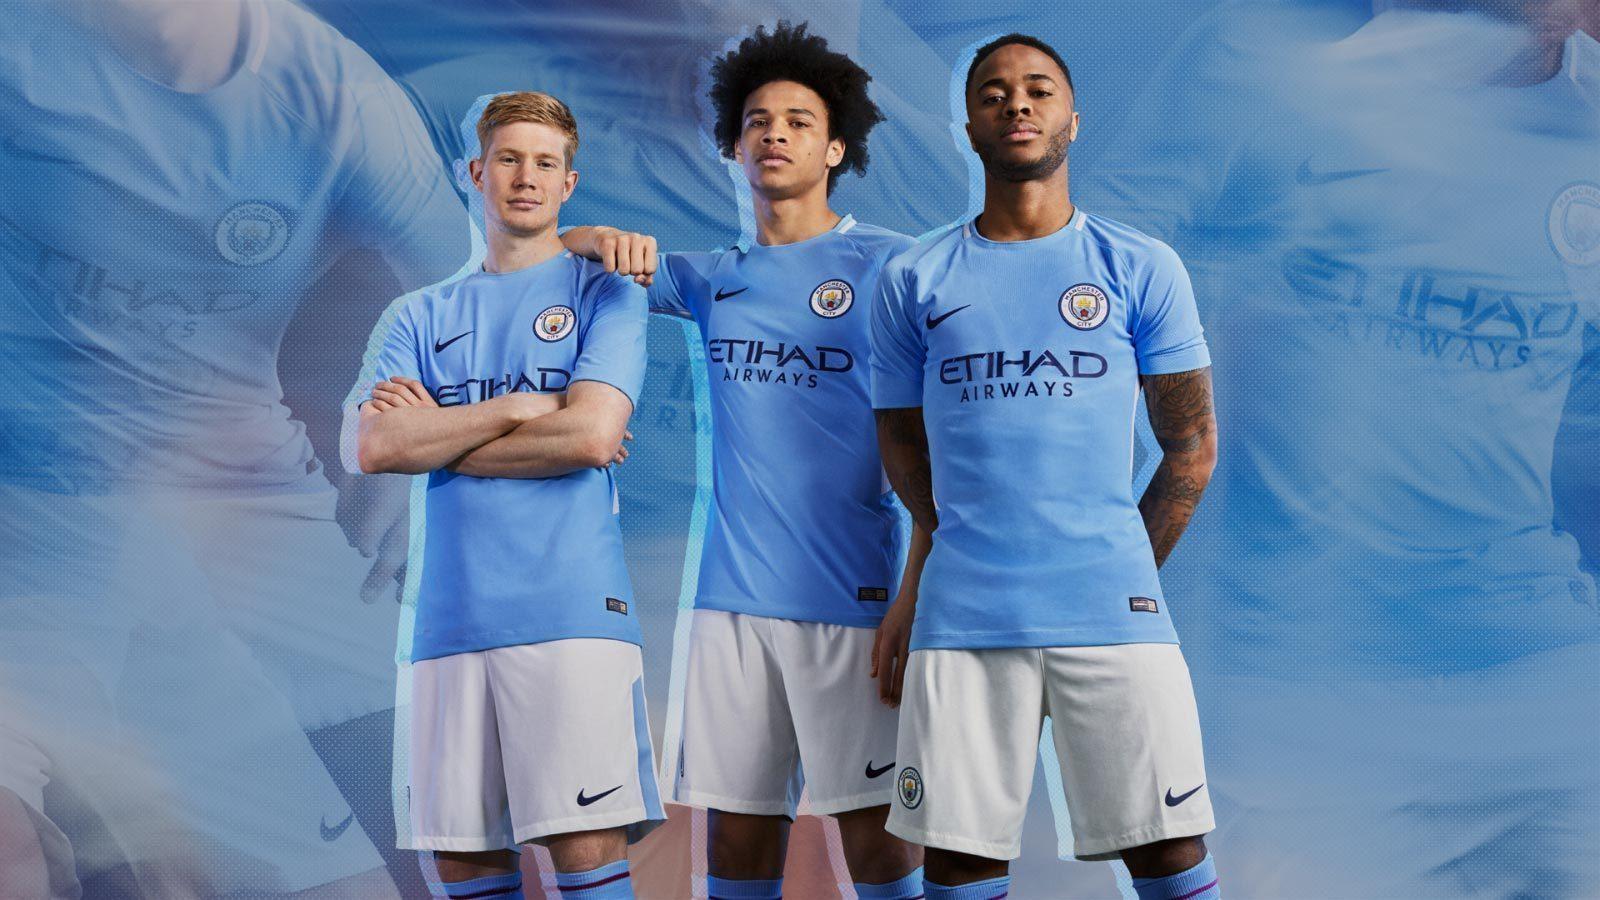 Jornal  Manchester City deixará Nike e assinará com nova fornecedora ... 025d9f18f9ca5